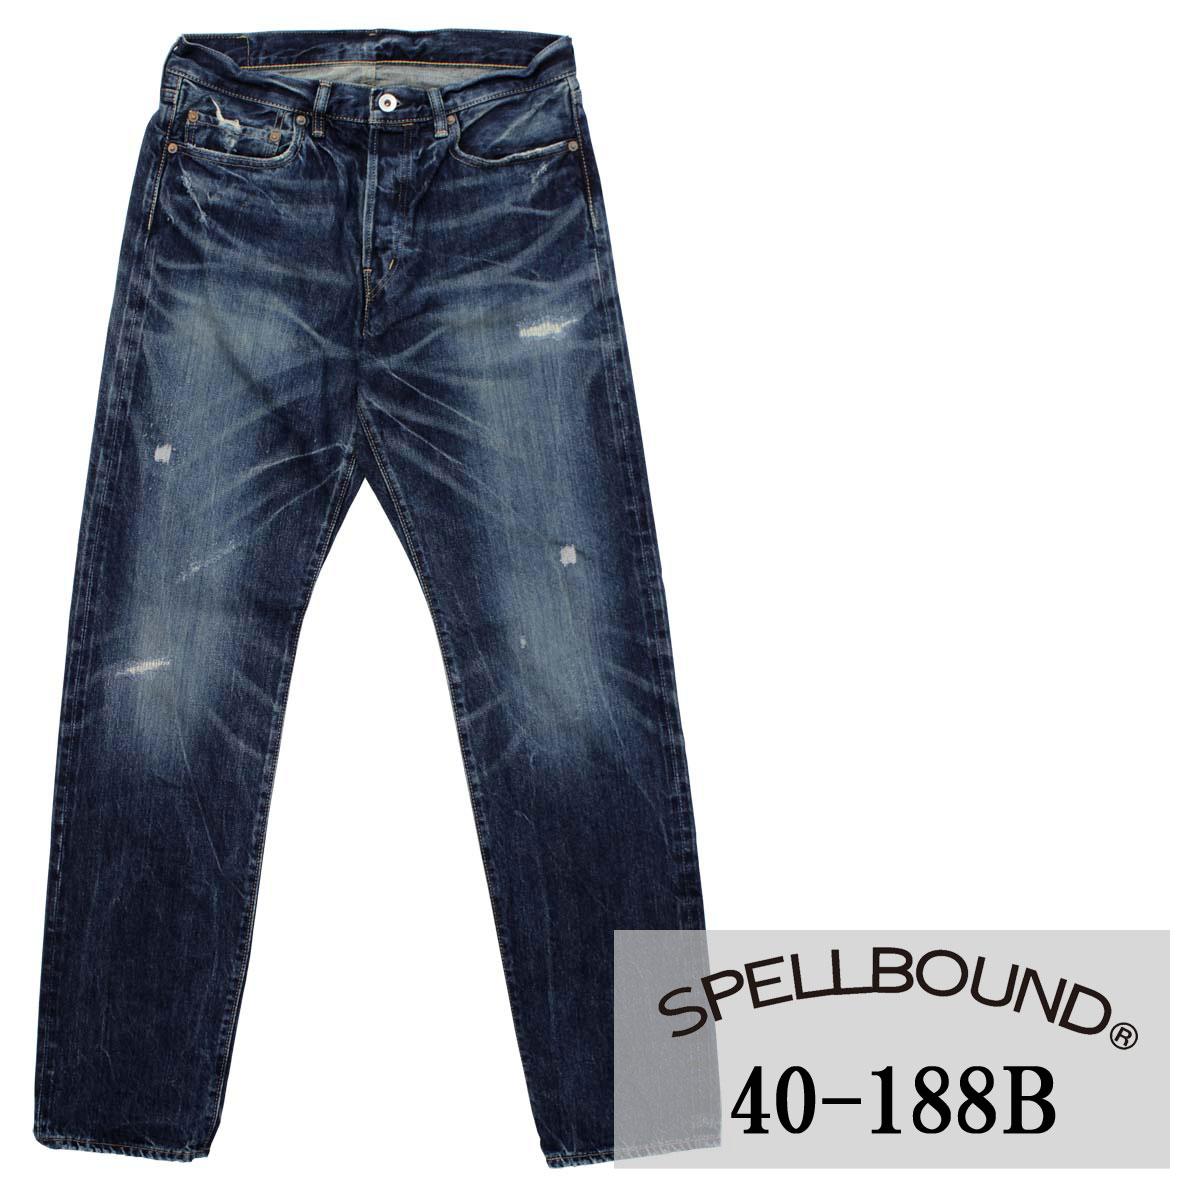 SPELLBOUND:13.5ozセルヴィッチデニム・ストレートジーンズ(リメイク):40-188B スペルバウンド ジーンズ メンズ デニム ジーパン 裾上げ